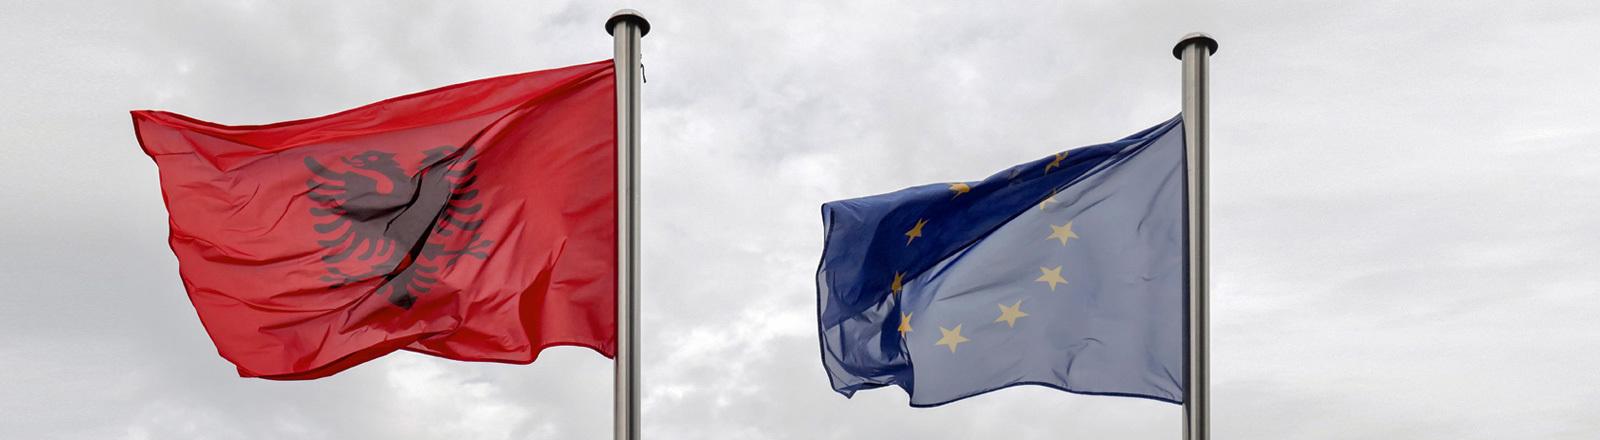 Die Flaggen von Albanien und der EU wehen im Wind - der Himmel ist bedeckt.